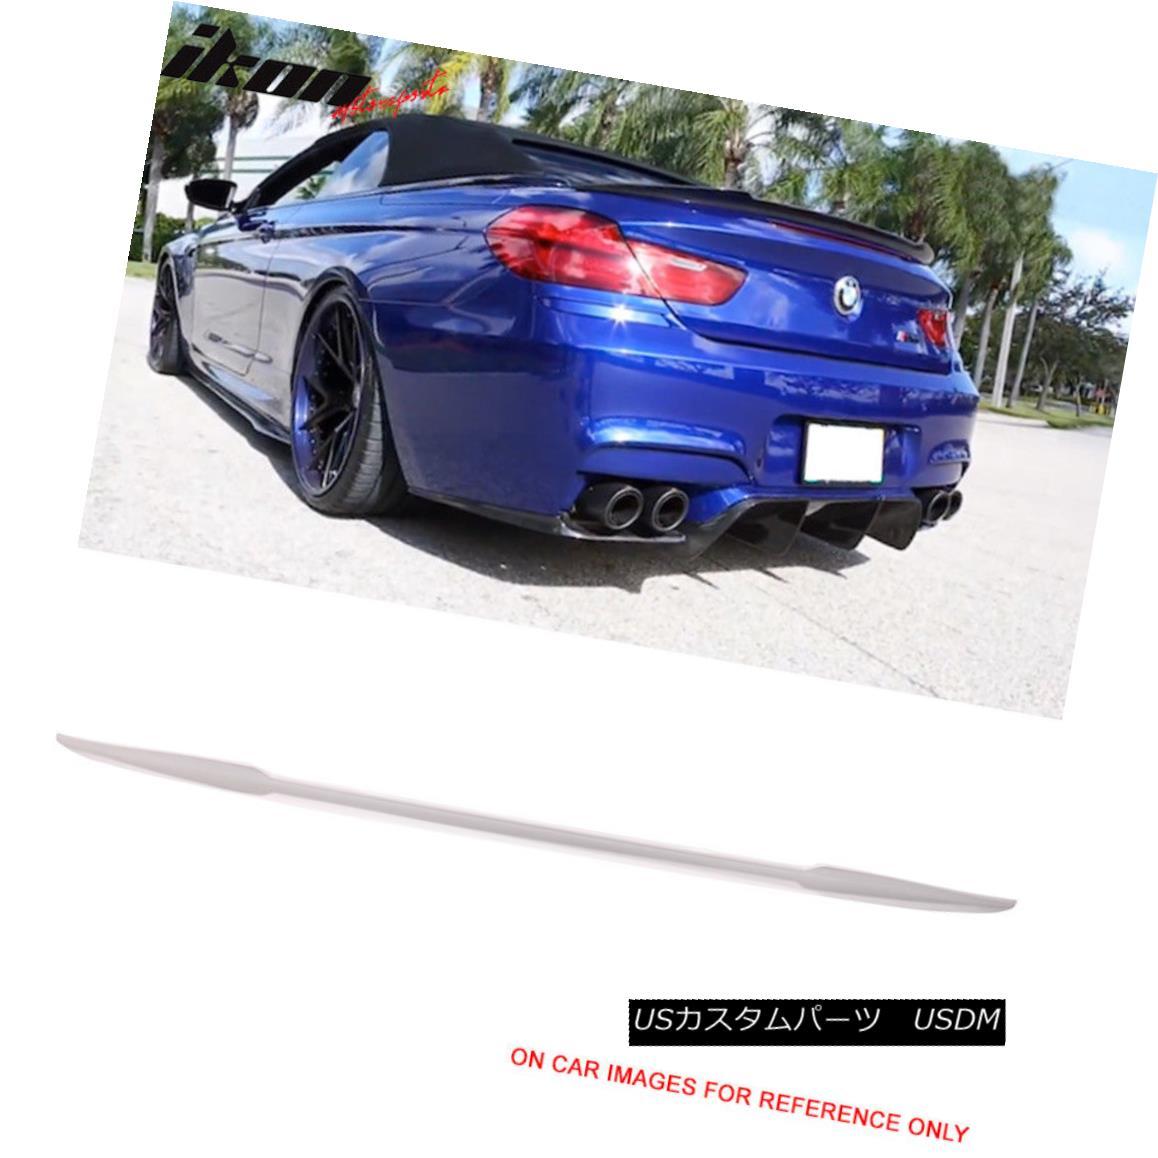 エアロパーツ Fits 12-17 BMW F12 6 Series Trunk Spoiler Painted #300 Alpine White III フィット12-17 BMW F12 6シリーズトランク・スポイラー・ペイント#300アルパイン・ホワイトIII